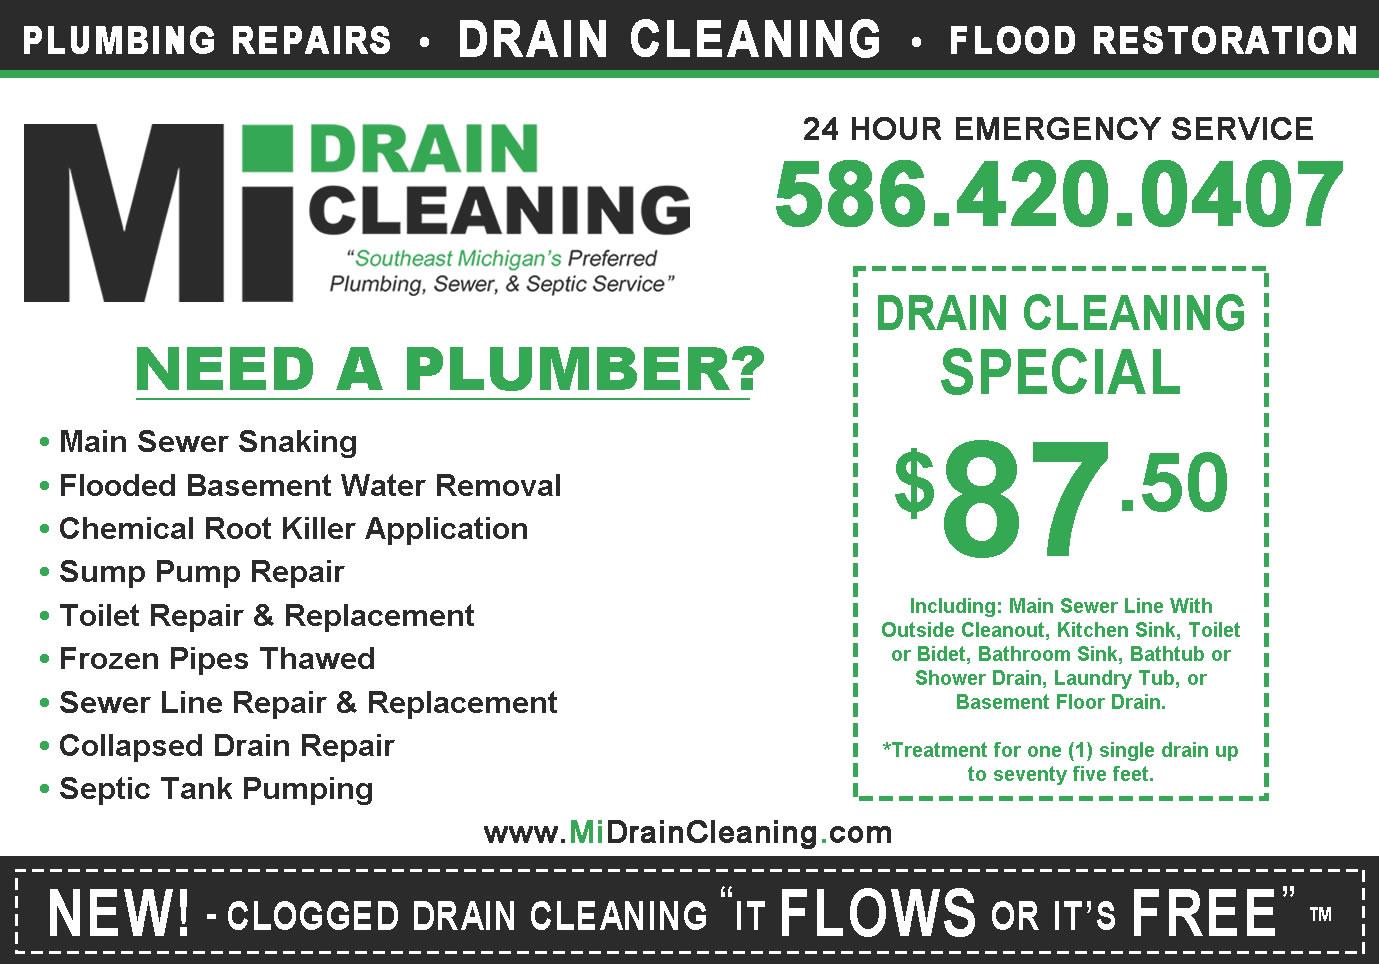 hablamos espaol ofrecemos nuestros servicios destapamos todo tipo de drenajes